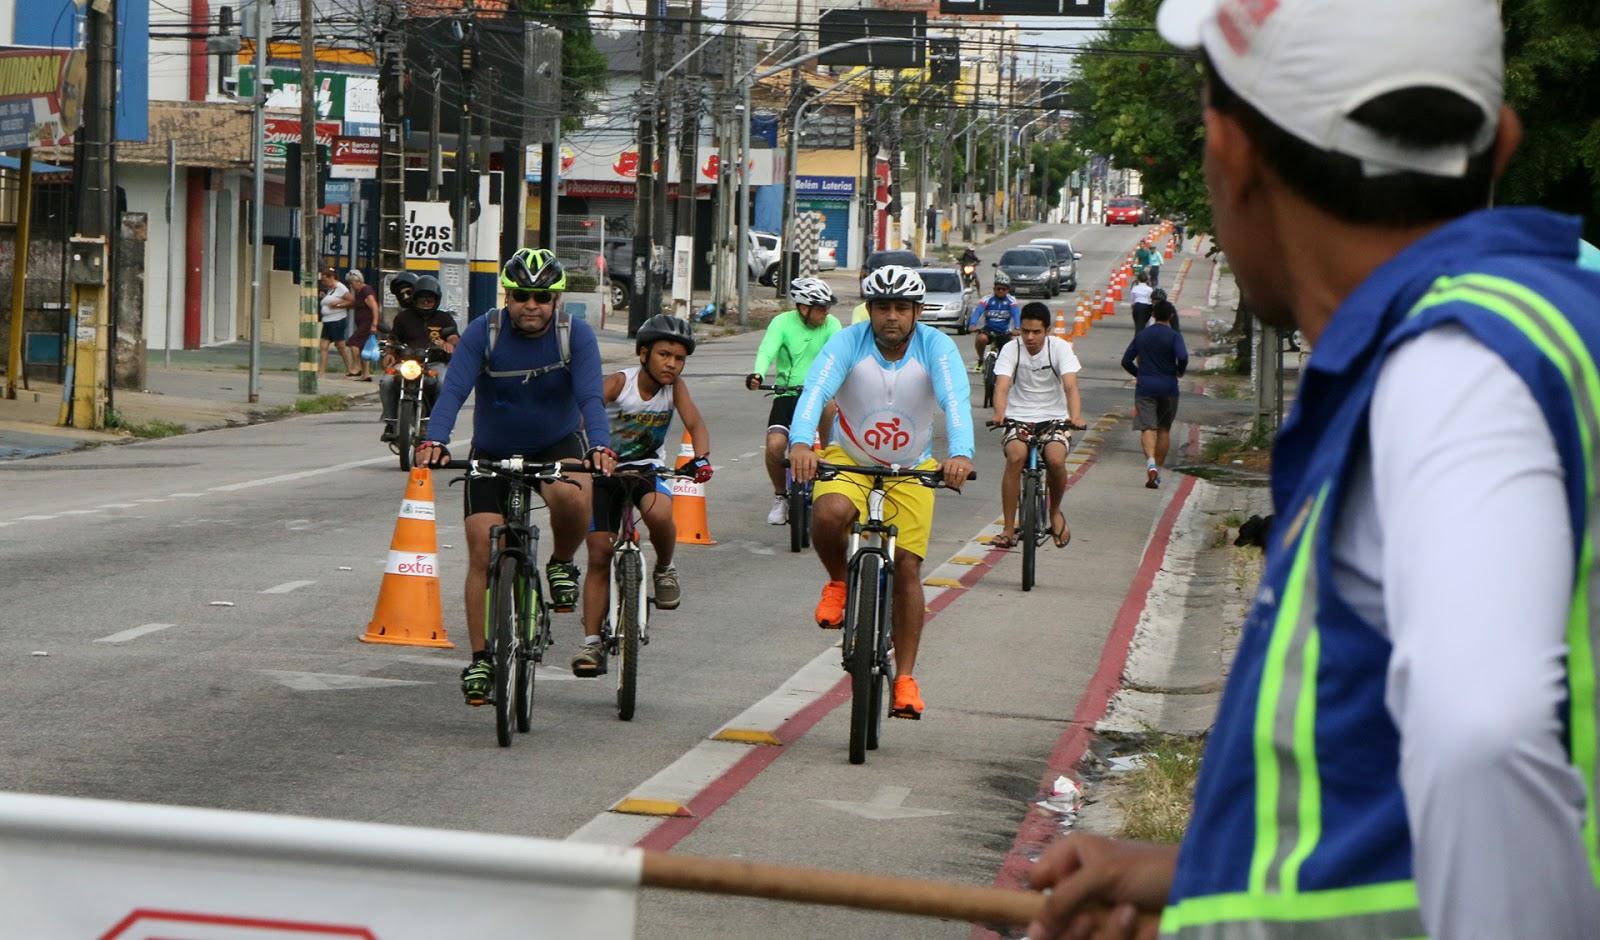 b22fdc07c Rota Leste - A Rota Leste sai da ciclovia da Avenida Washington Soares em  direção ao Passeio Público